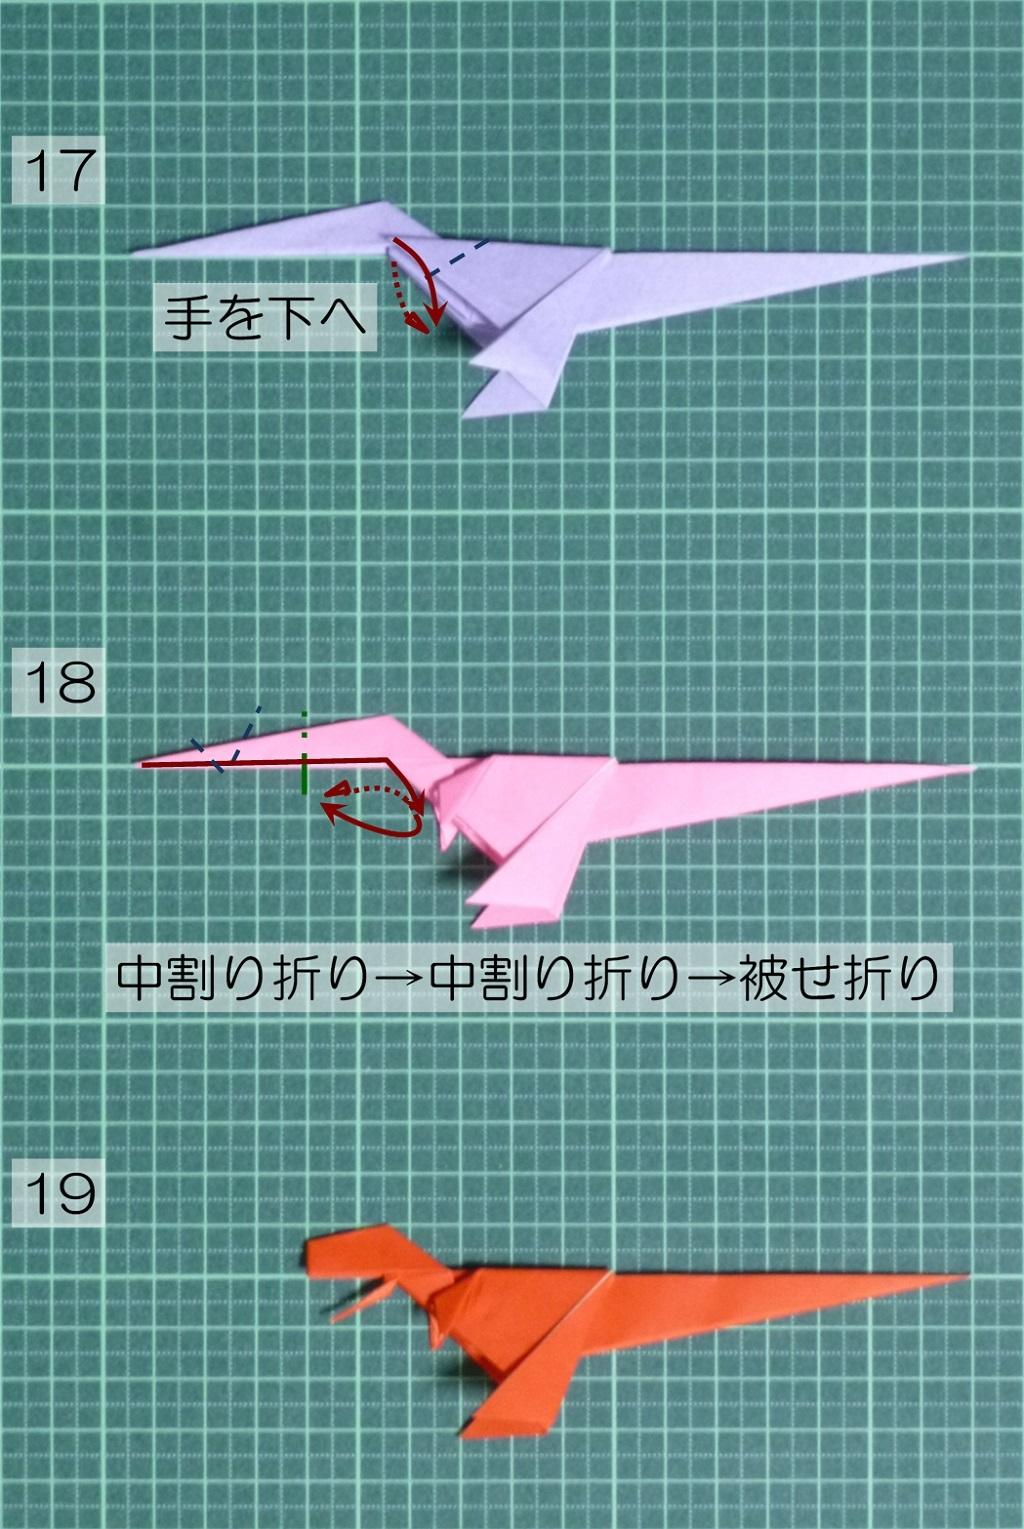 T-rex21_003.jpg